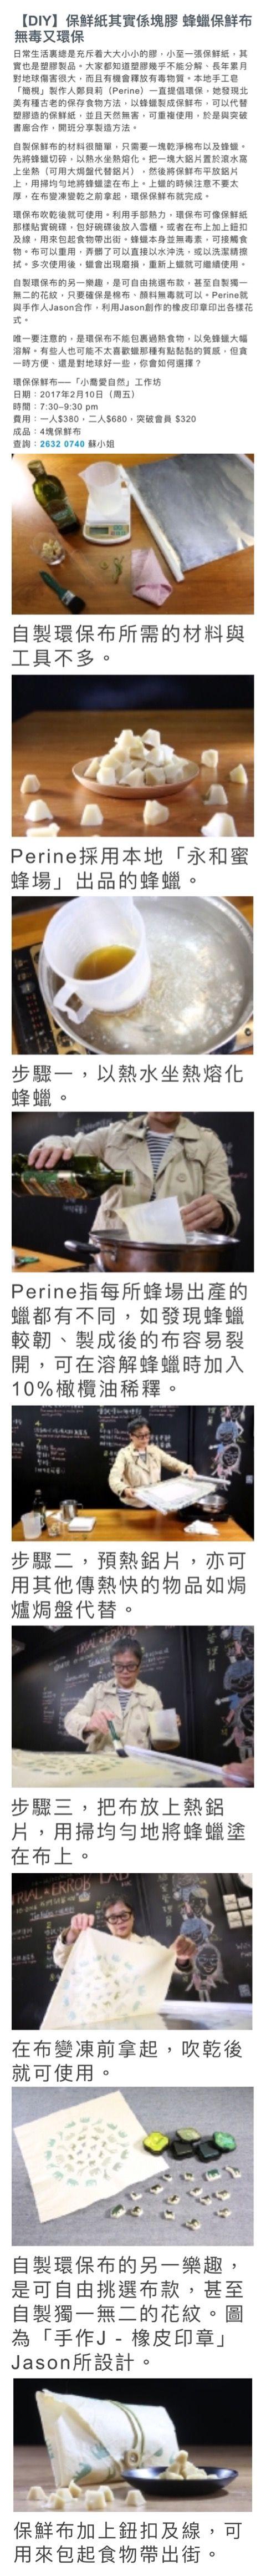 環保保鮮布- http://hk.apple.nextmedia.com/realtime/supplement/20170114/56169051